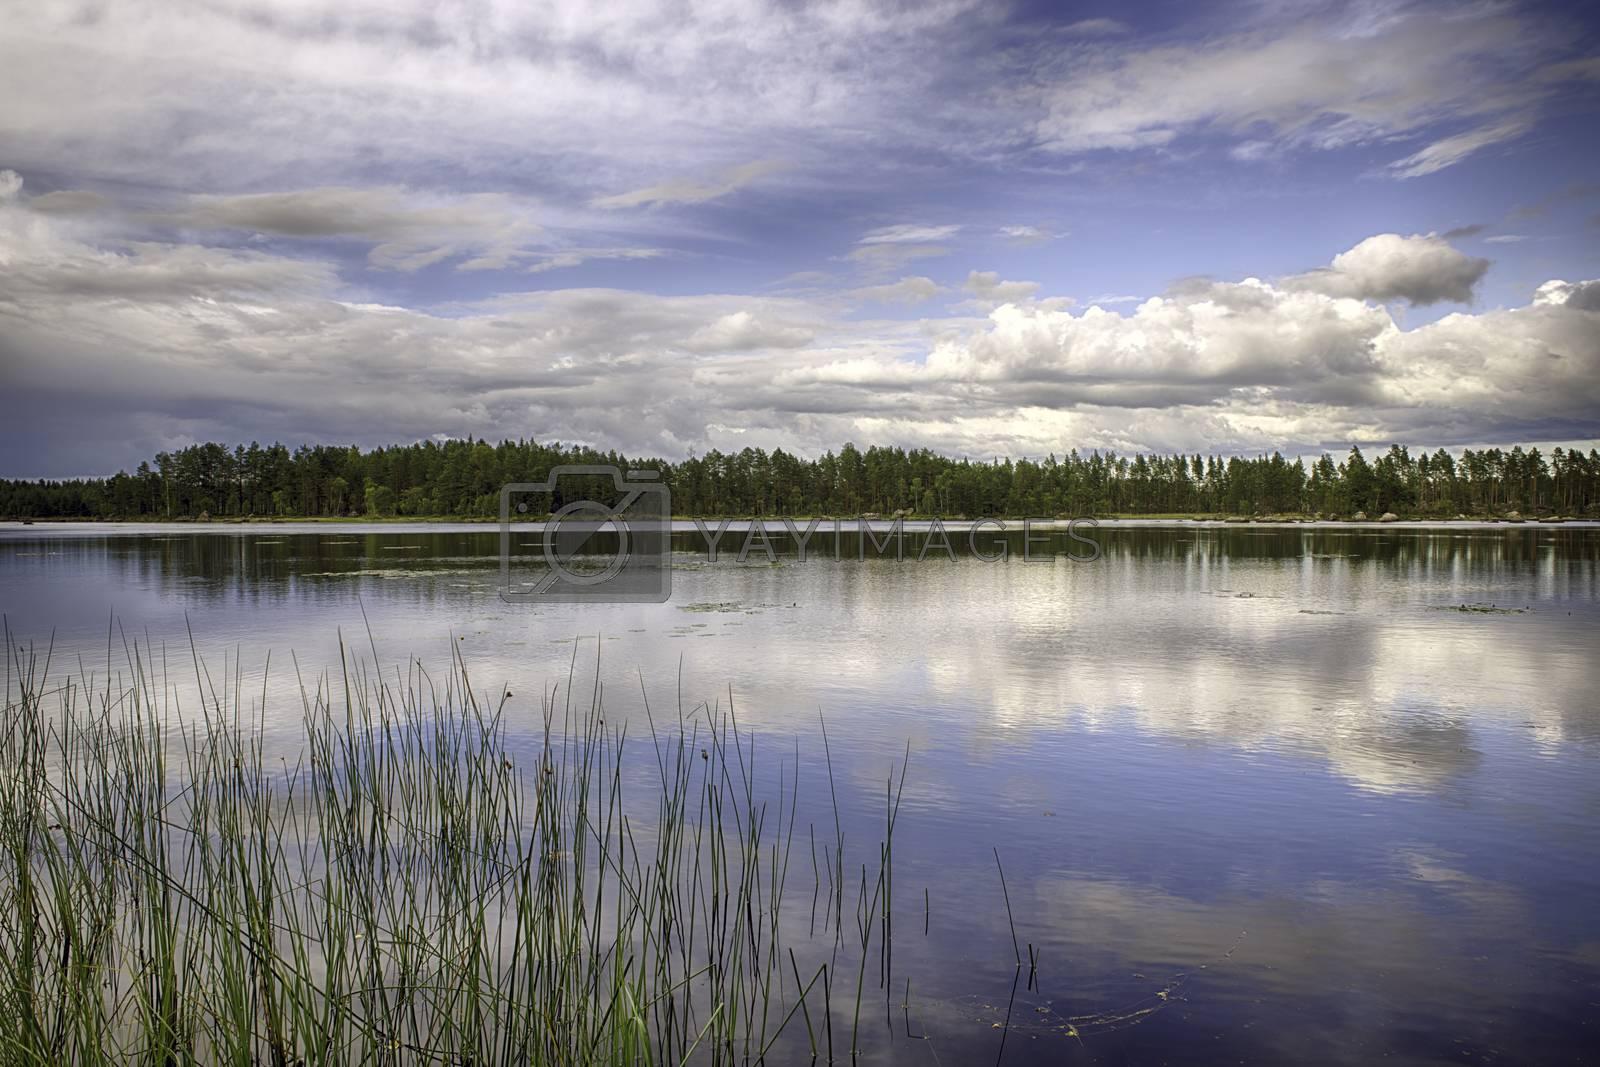 Royalty free image of Swedish Landscape by mizio1970